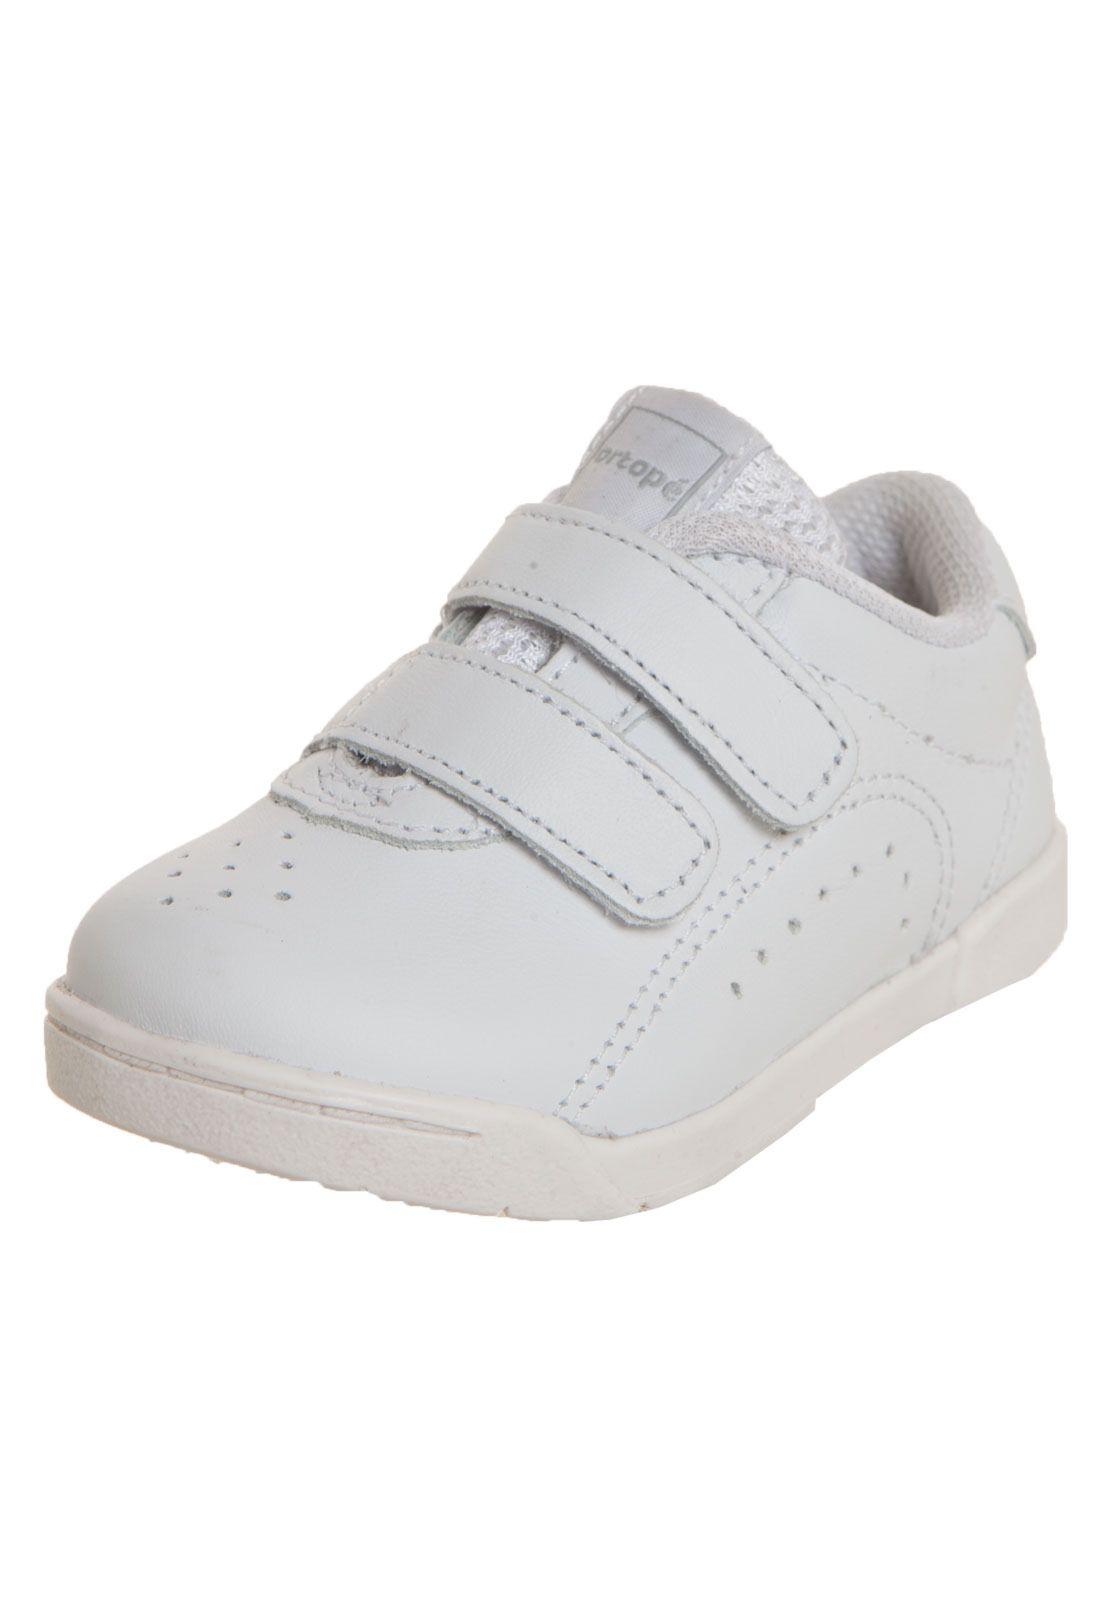 b67a6e30a1 Tênis Ortopé Miami Baby Branco - Compre Agora